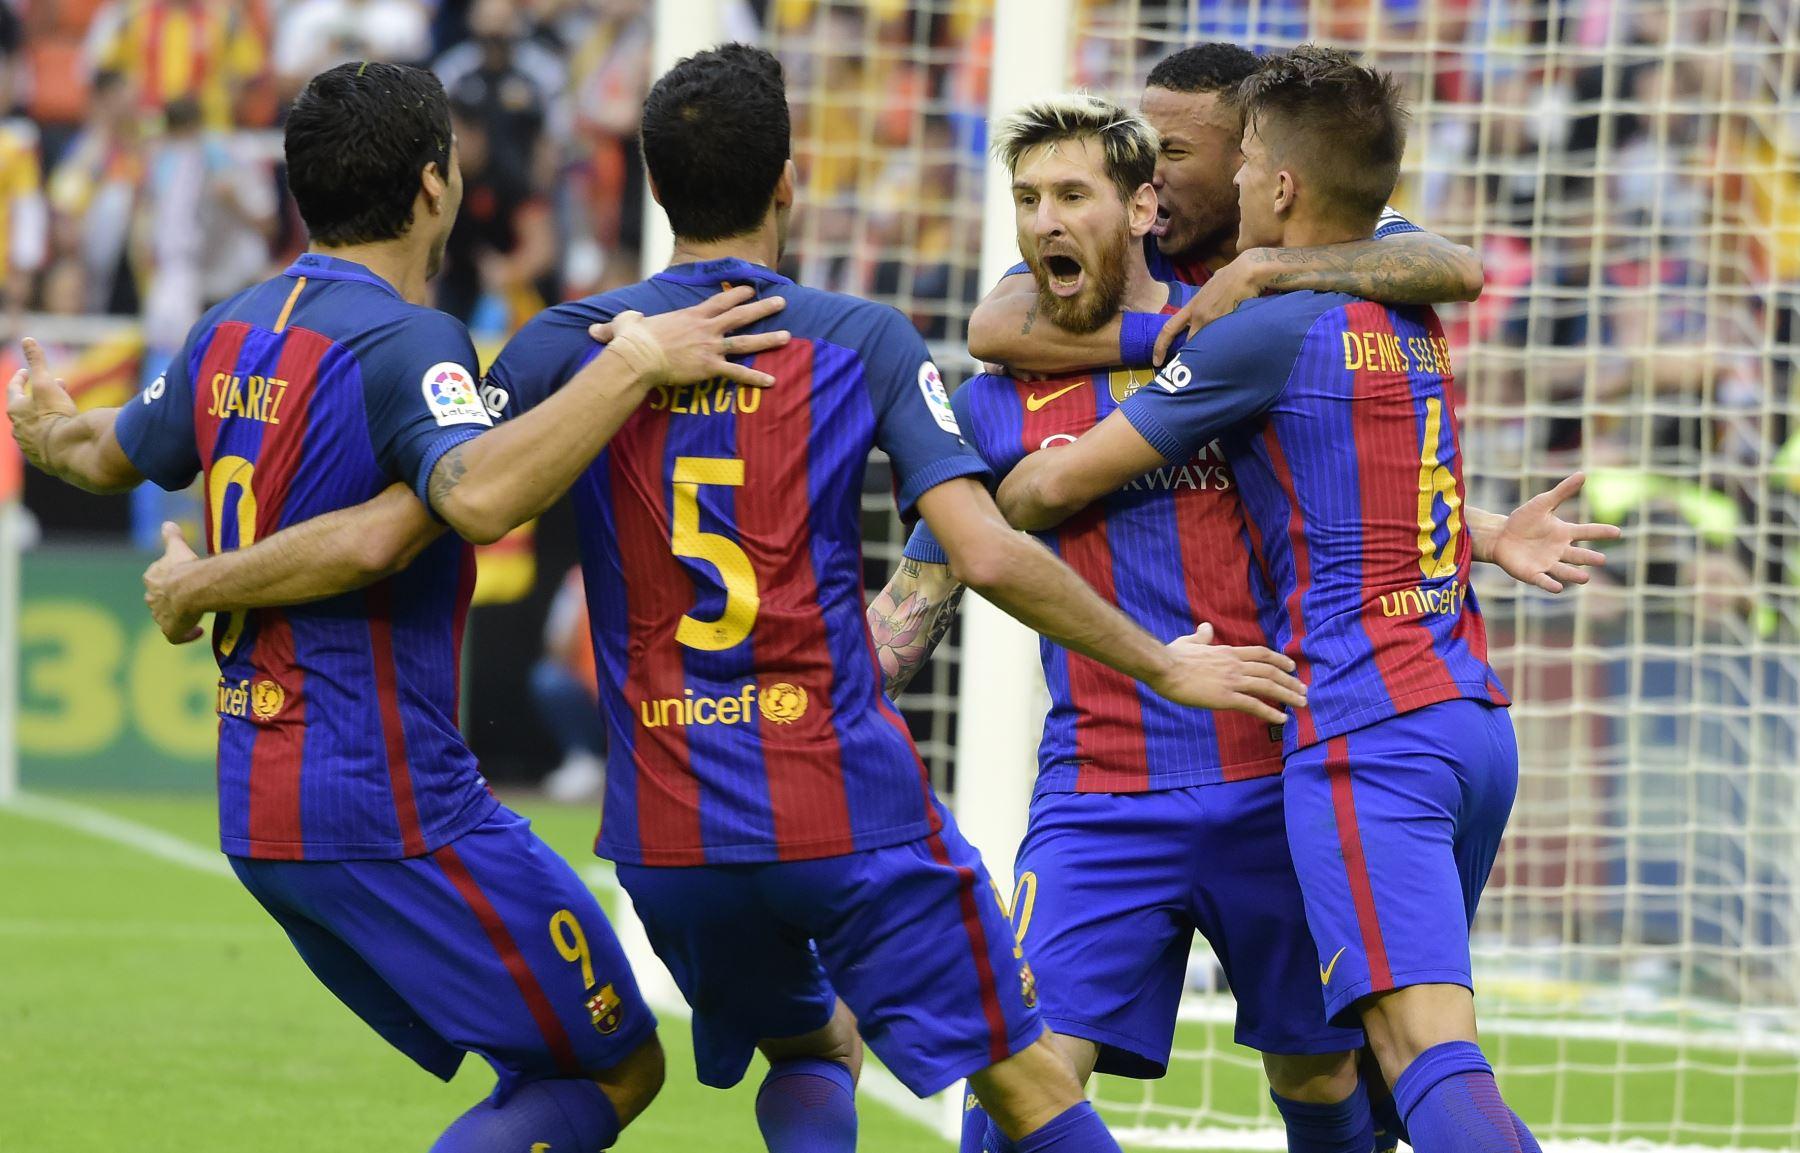 Lionel Messi  celebra con sus compañeros de equipo tras anotar en el partido de la liga española Valencia CF vs FC Barcelona en el estadio de Mestalla en Valencia. AFP